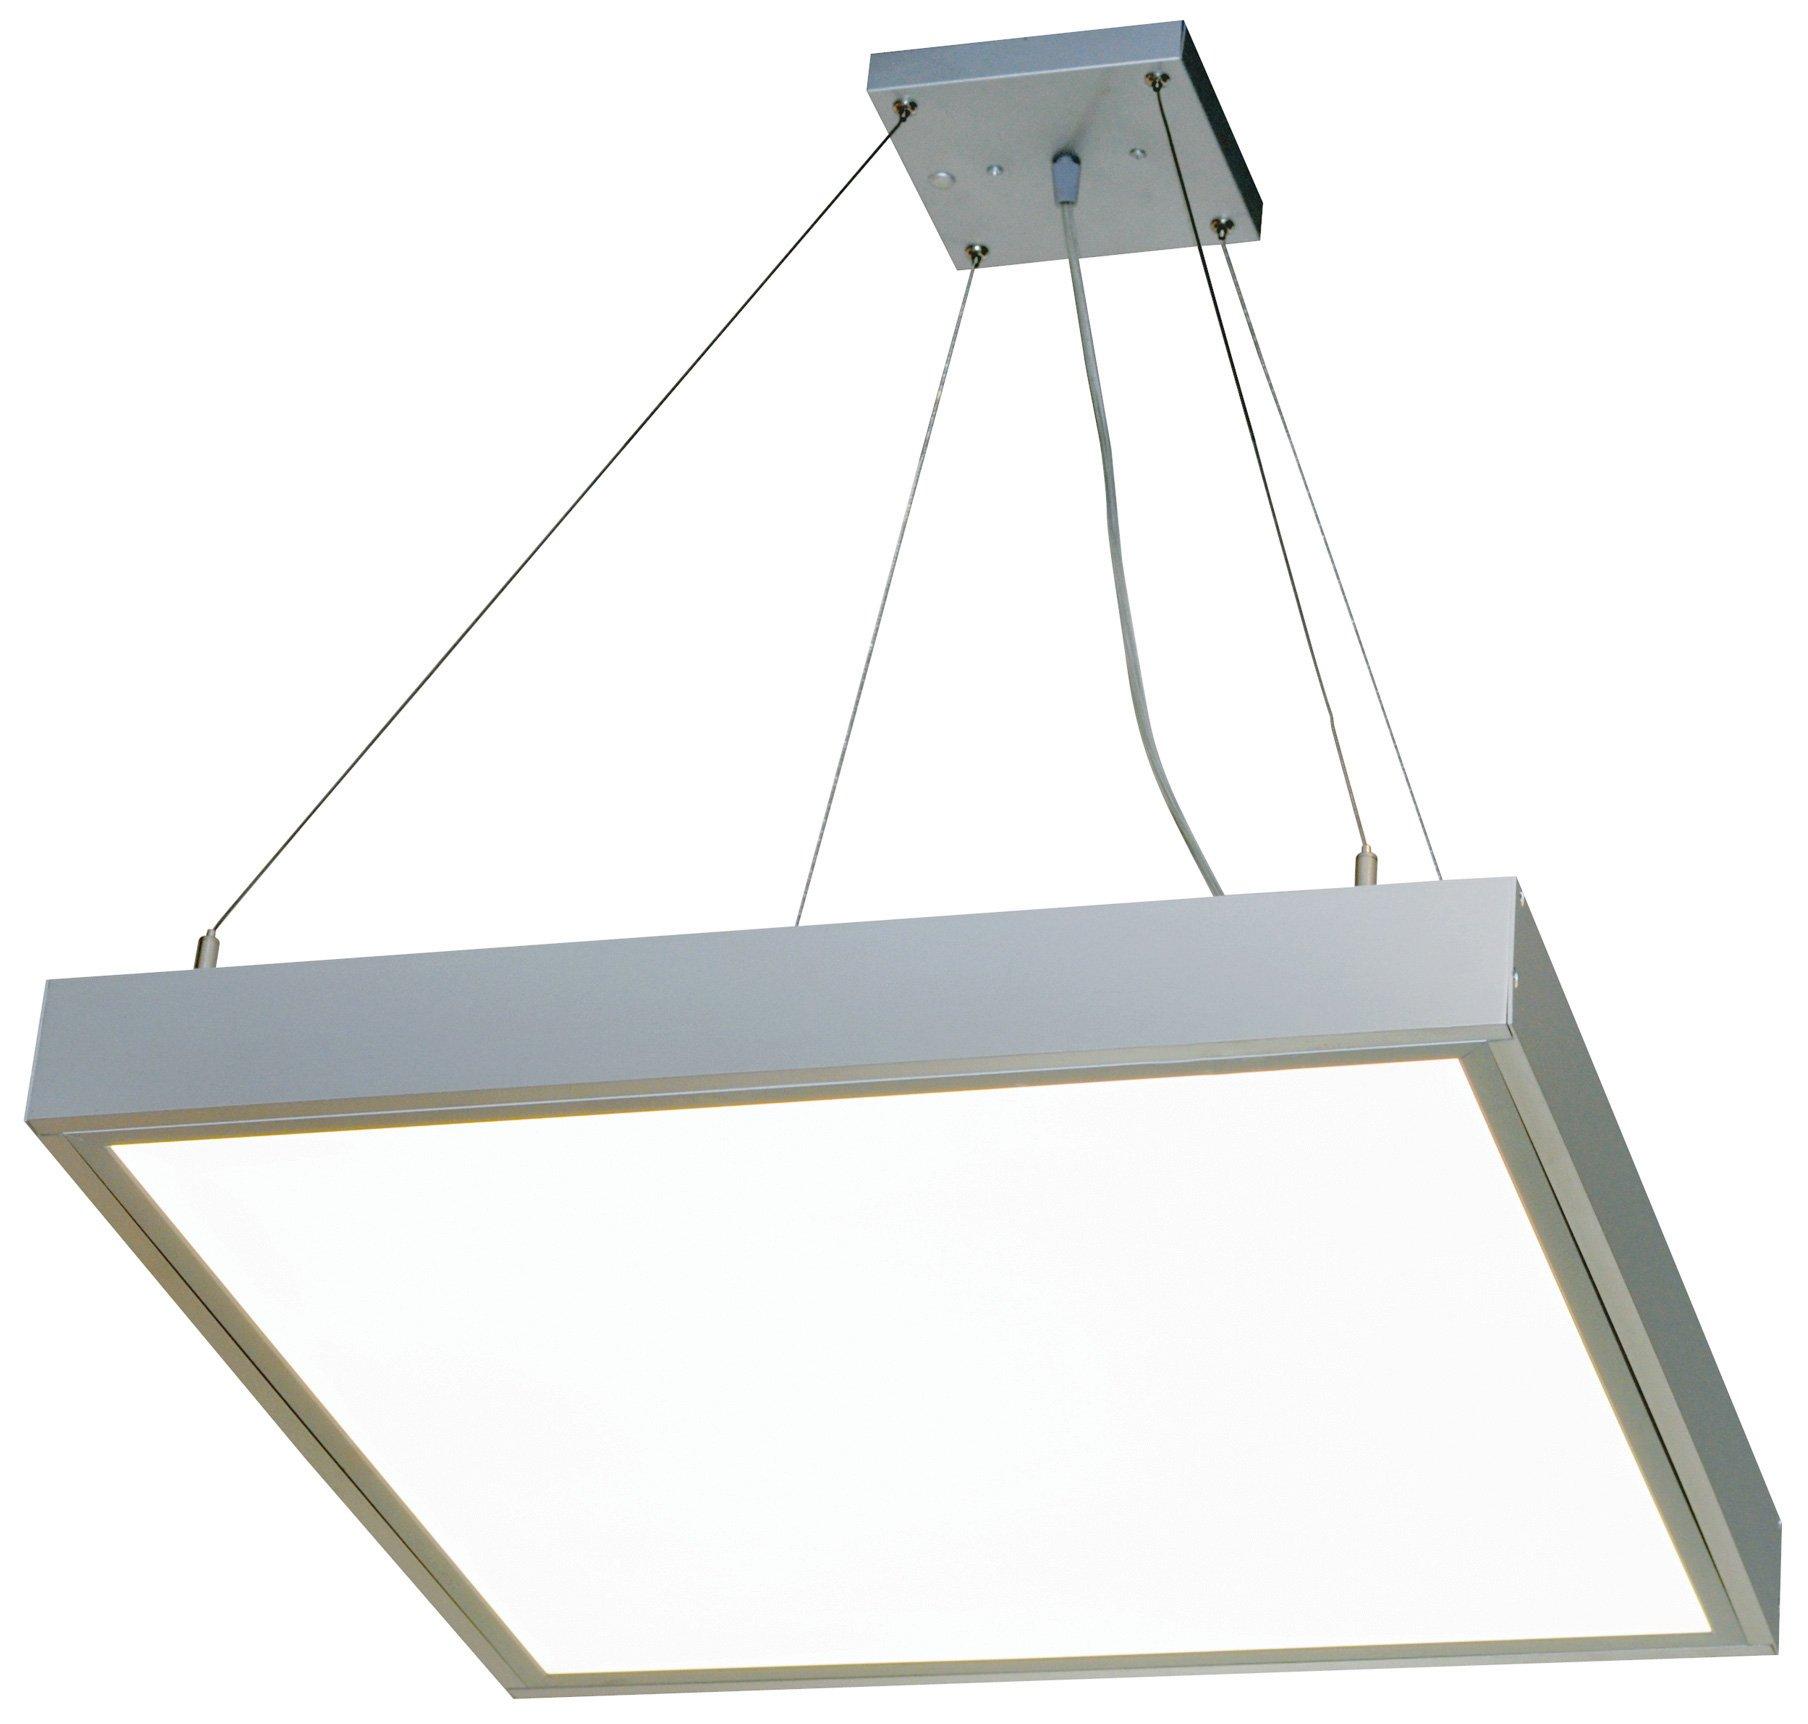 Nora Lighting Npd E22 2 X 2 Diffused Lens Led Edge Lit Flat Panel Npd E22